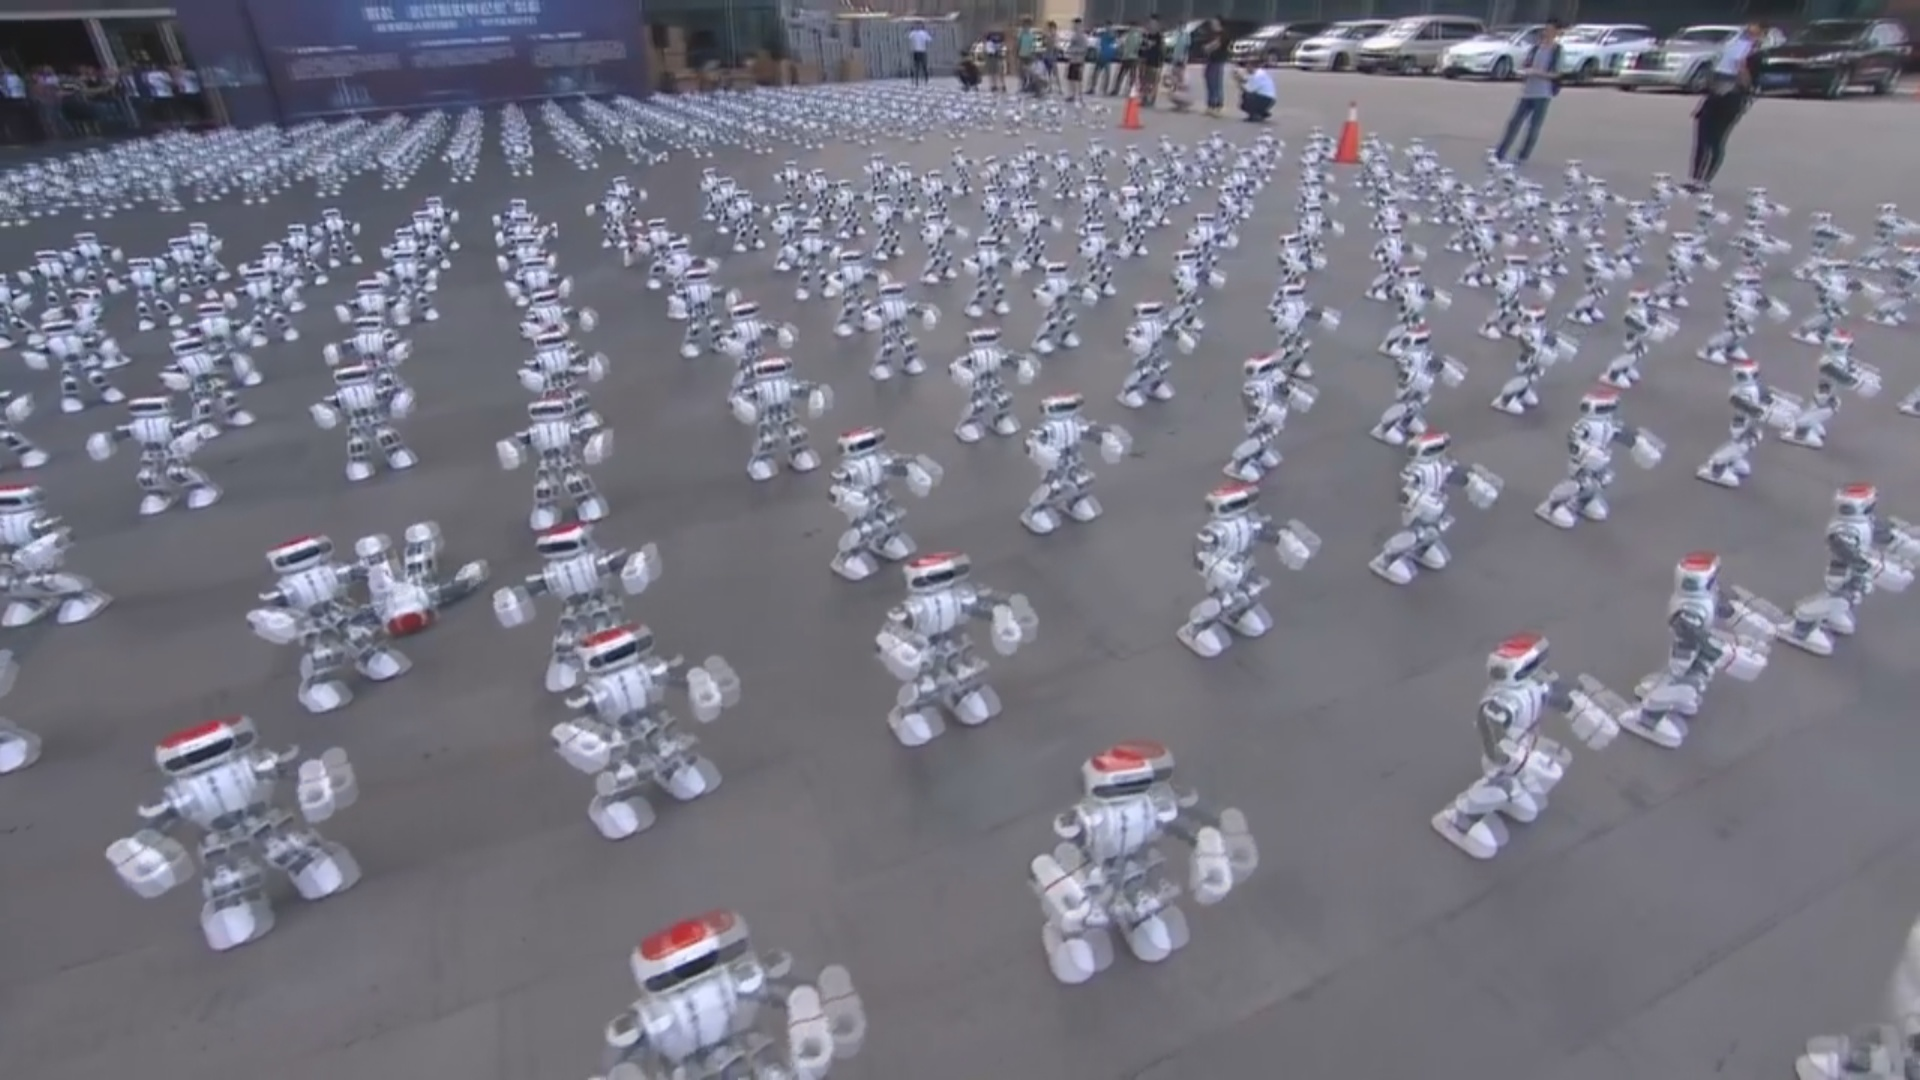 Kütləvi robot rəqsi üzrə rekord yenilənib